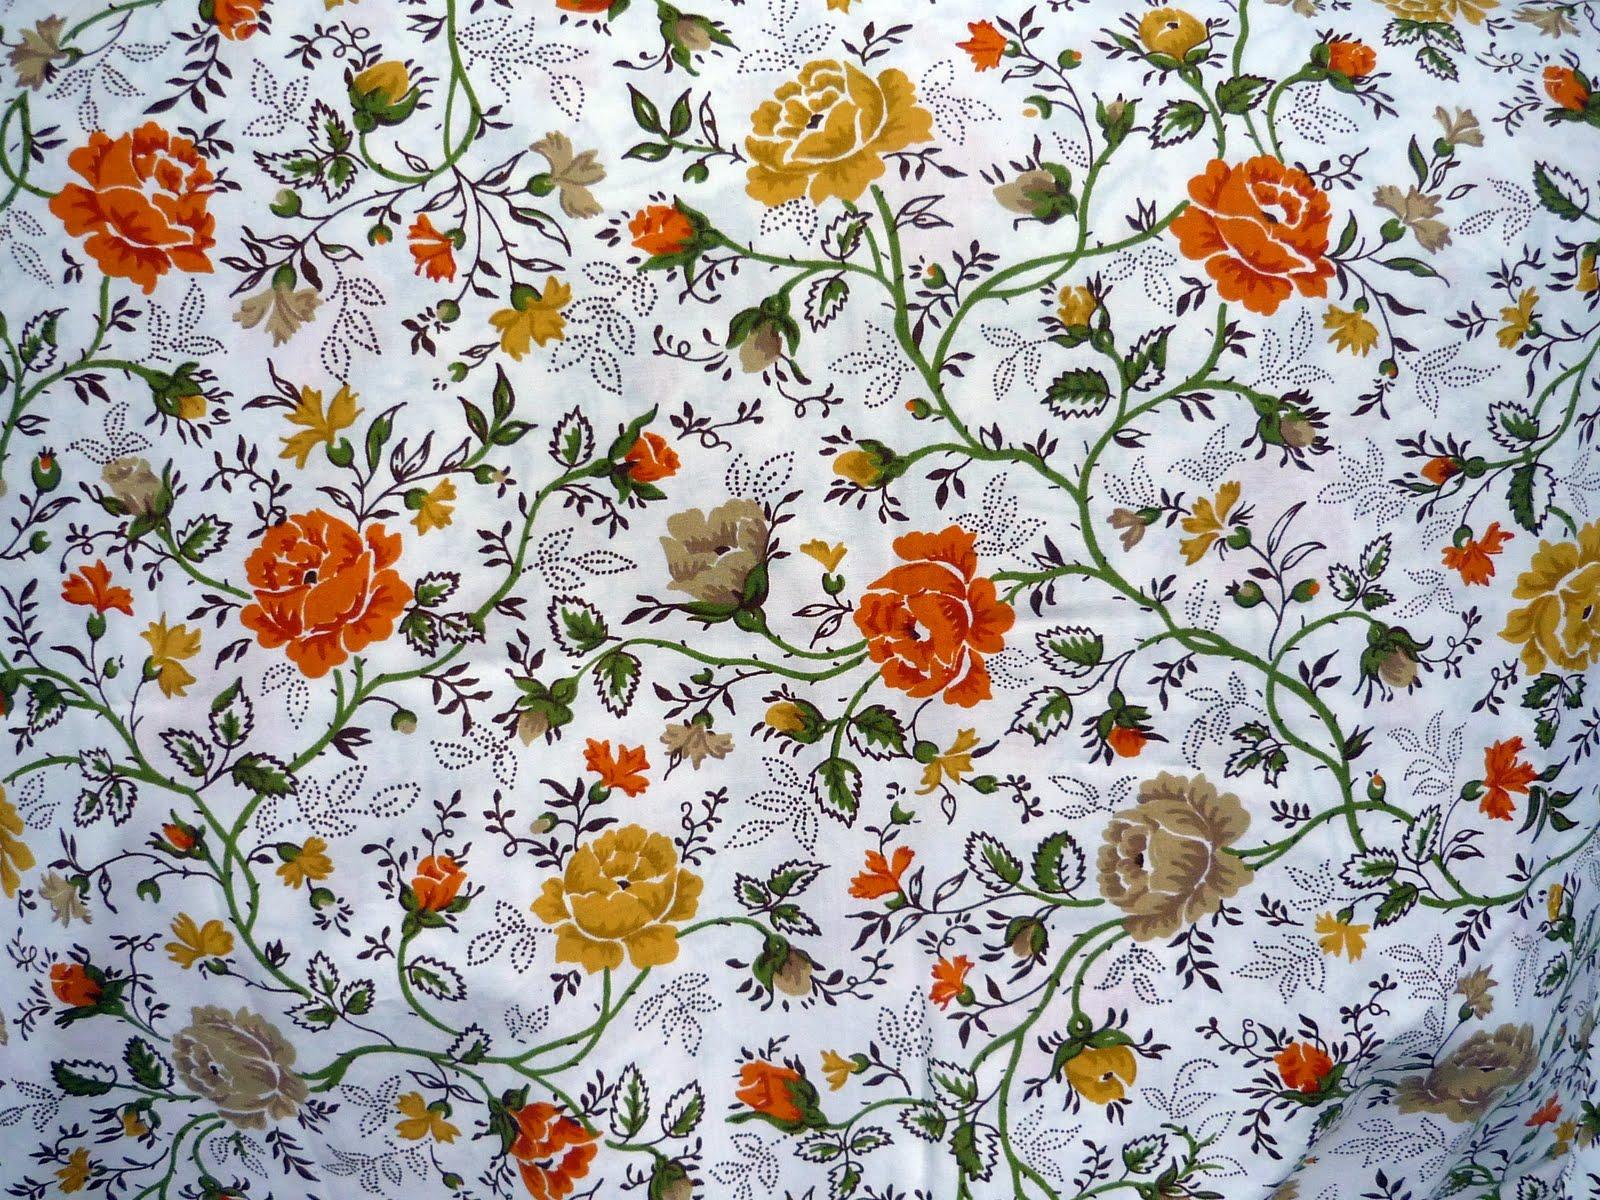 Vintage Floral Print Local Honey Crafts Vintage Floral Sheets